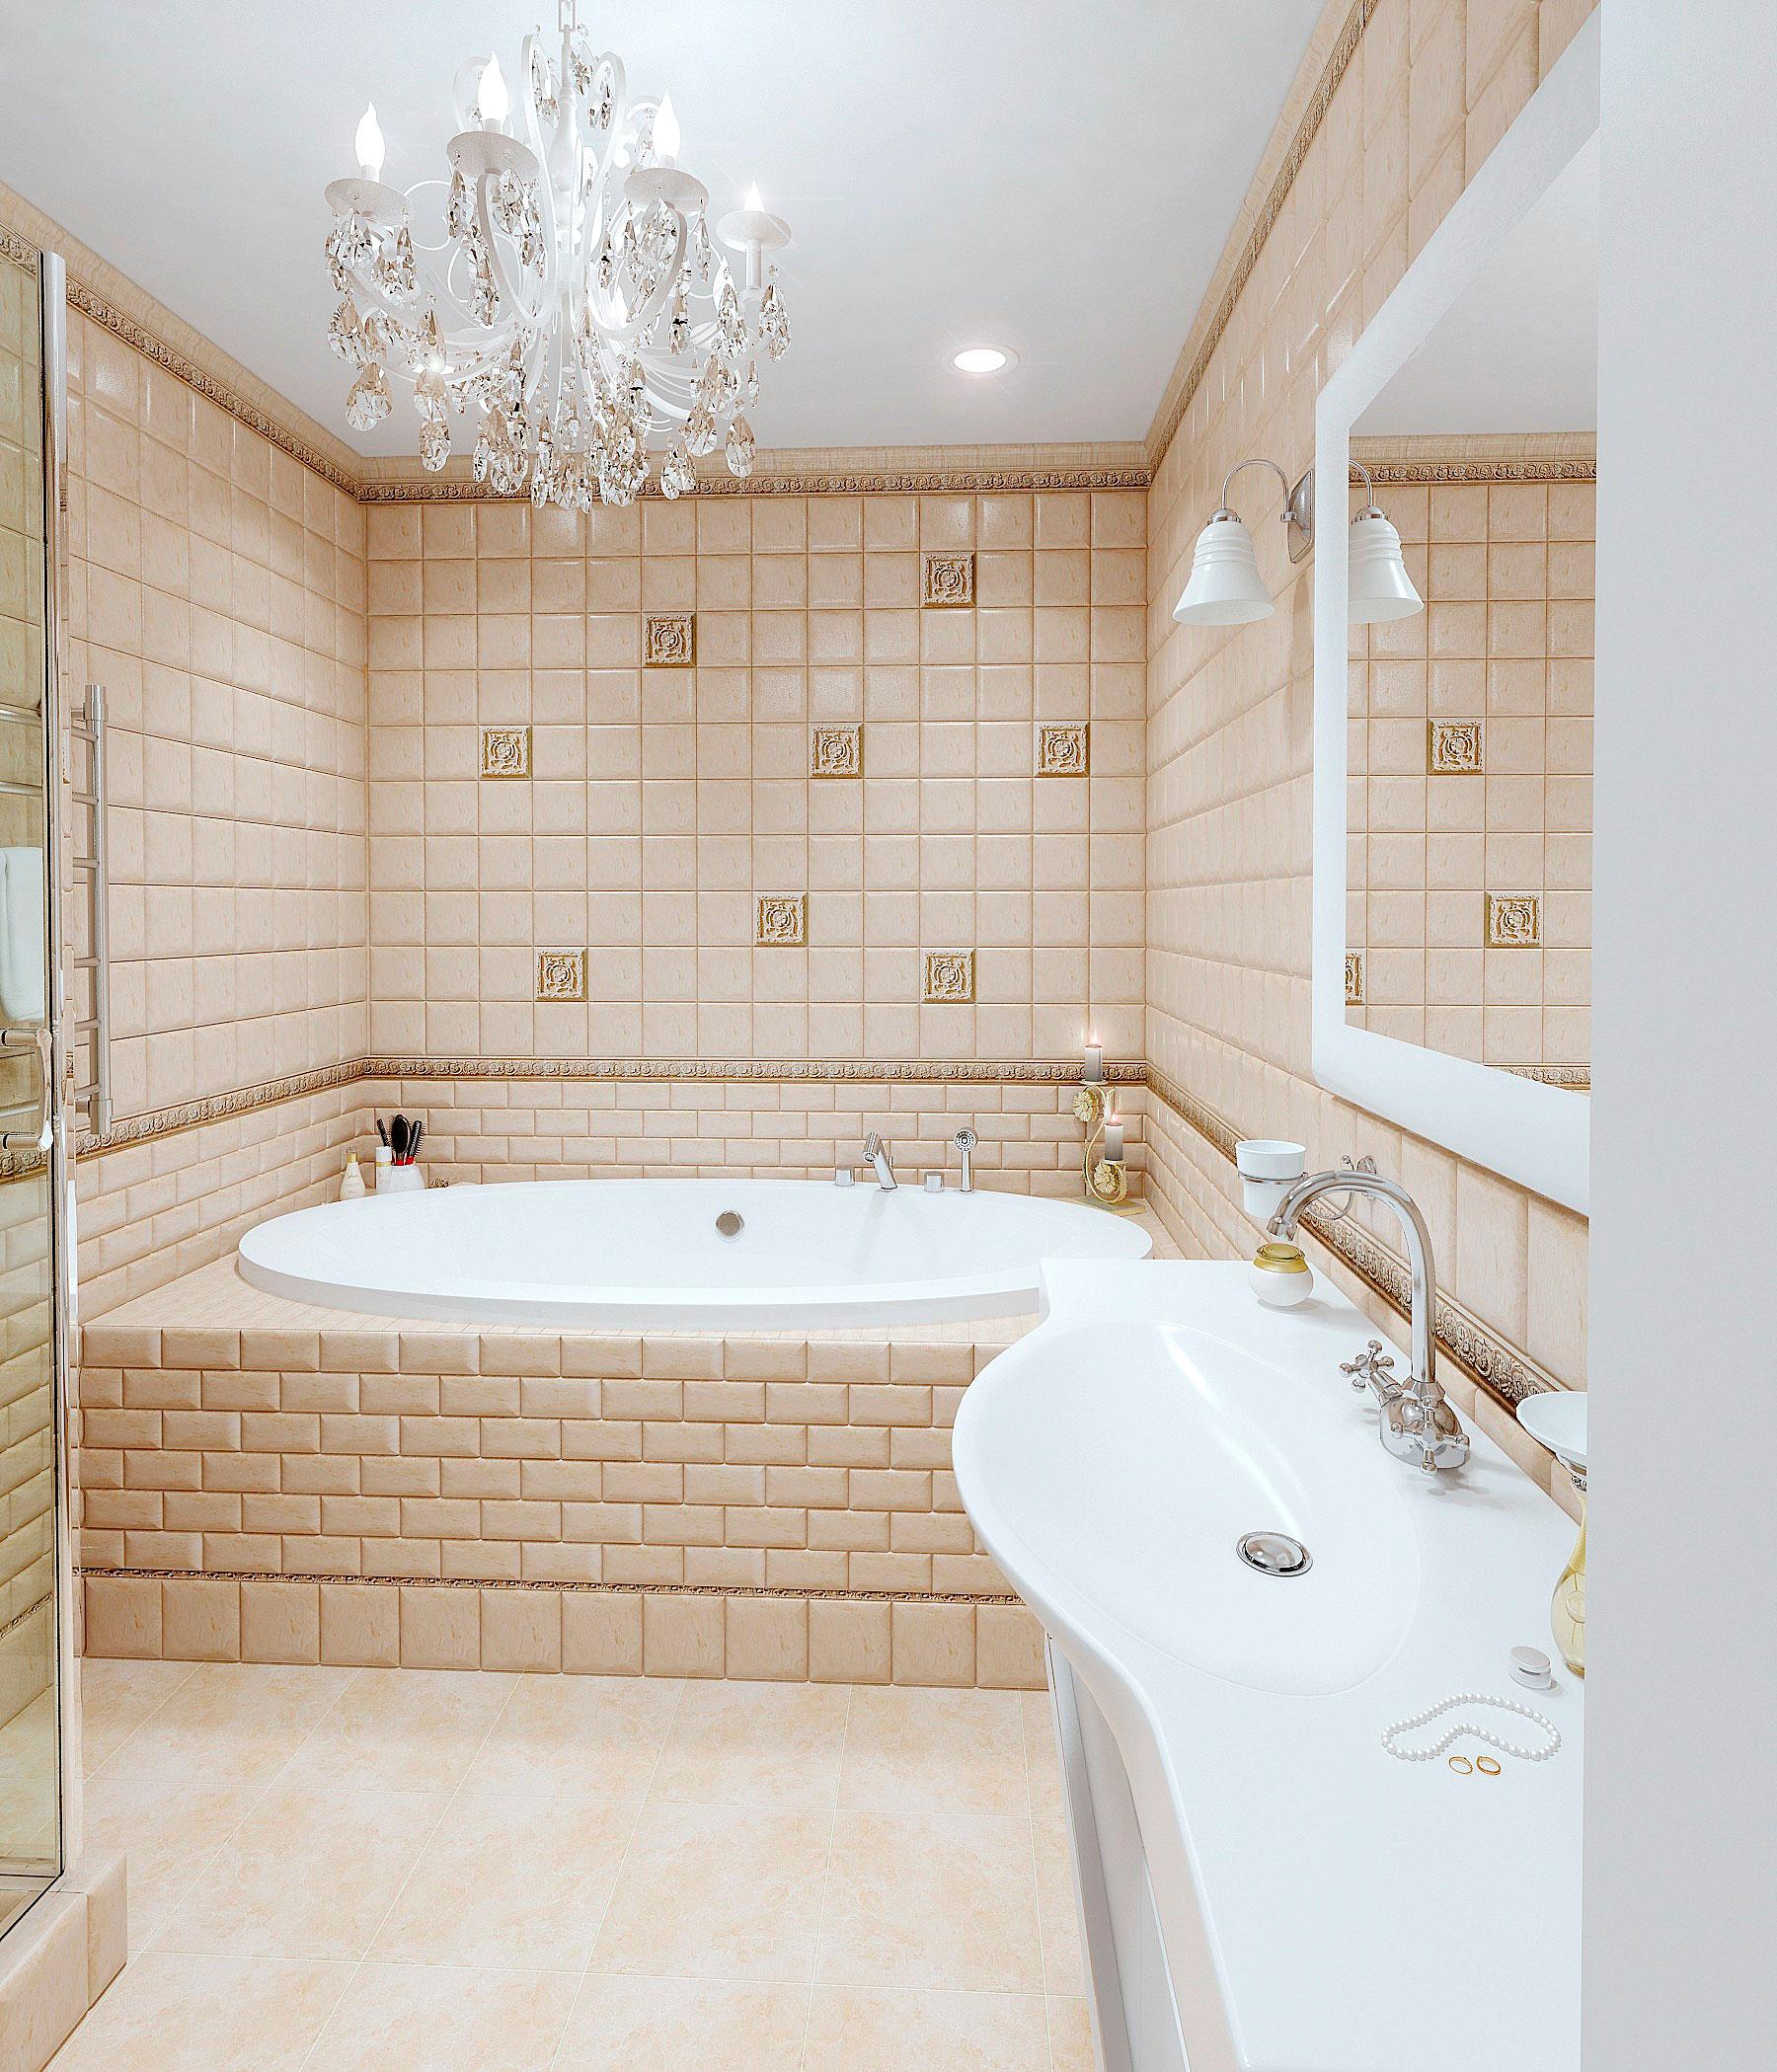 ванная-дизайн-интерьера-Хмельницкий-заказать-проект